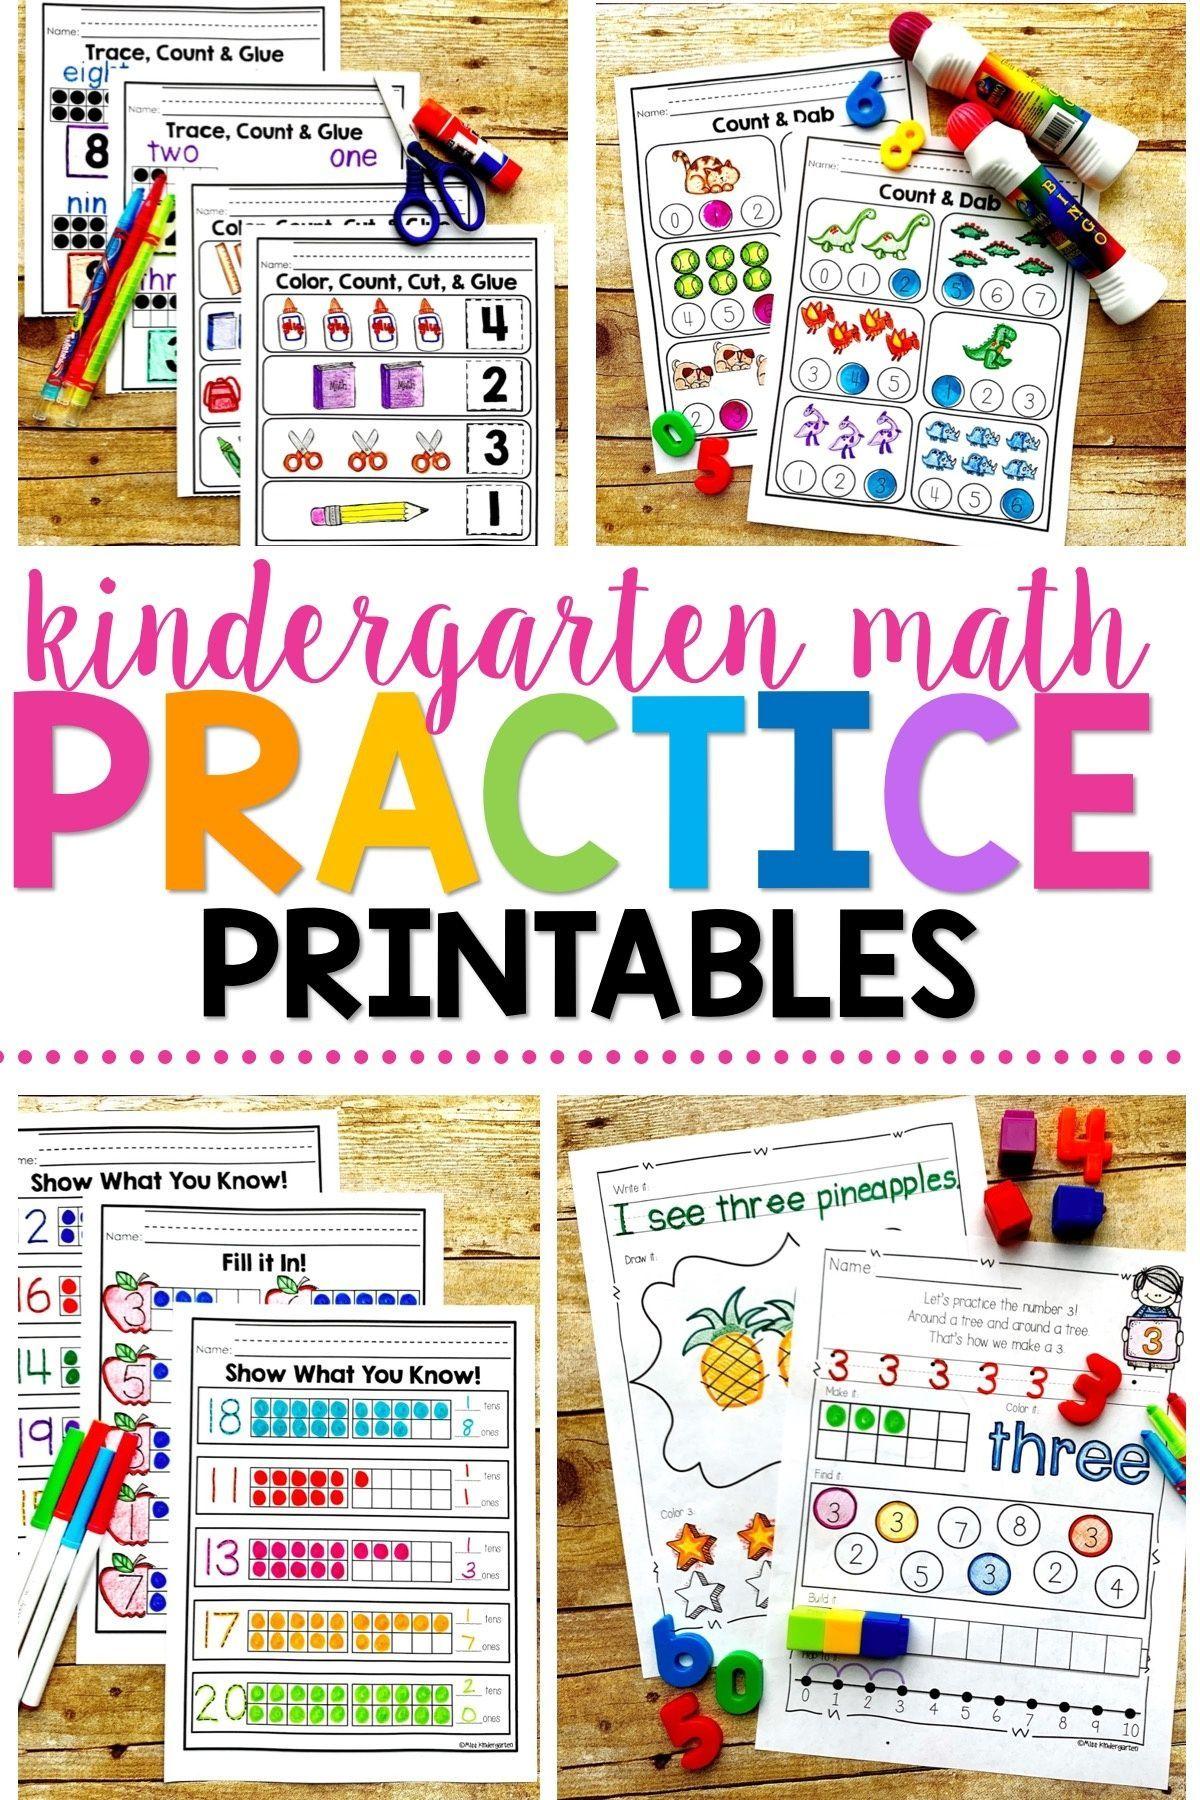 Number Practice Printables Bundle Pack